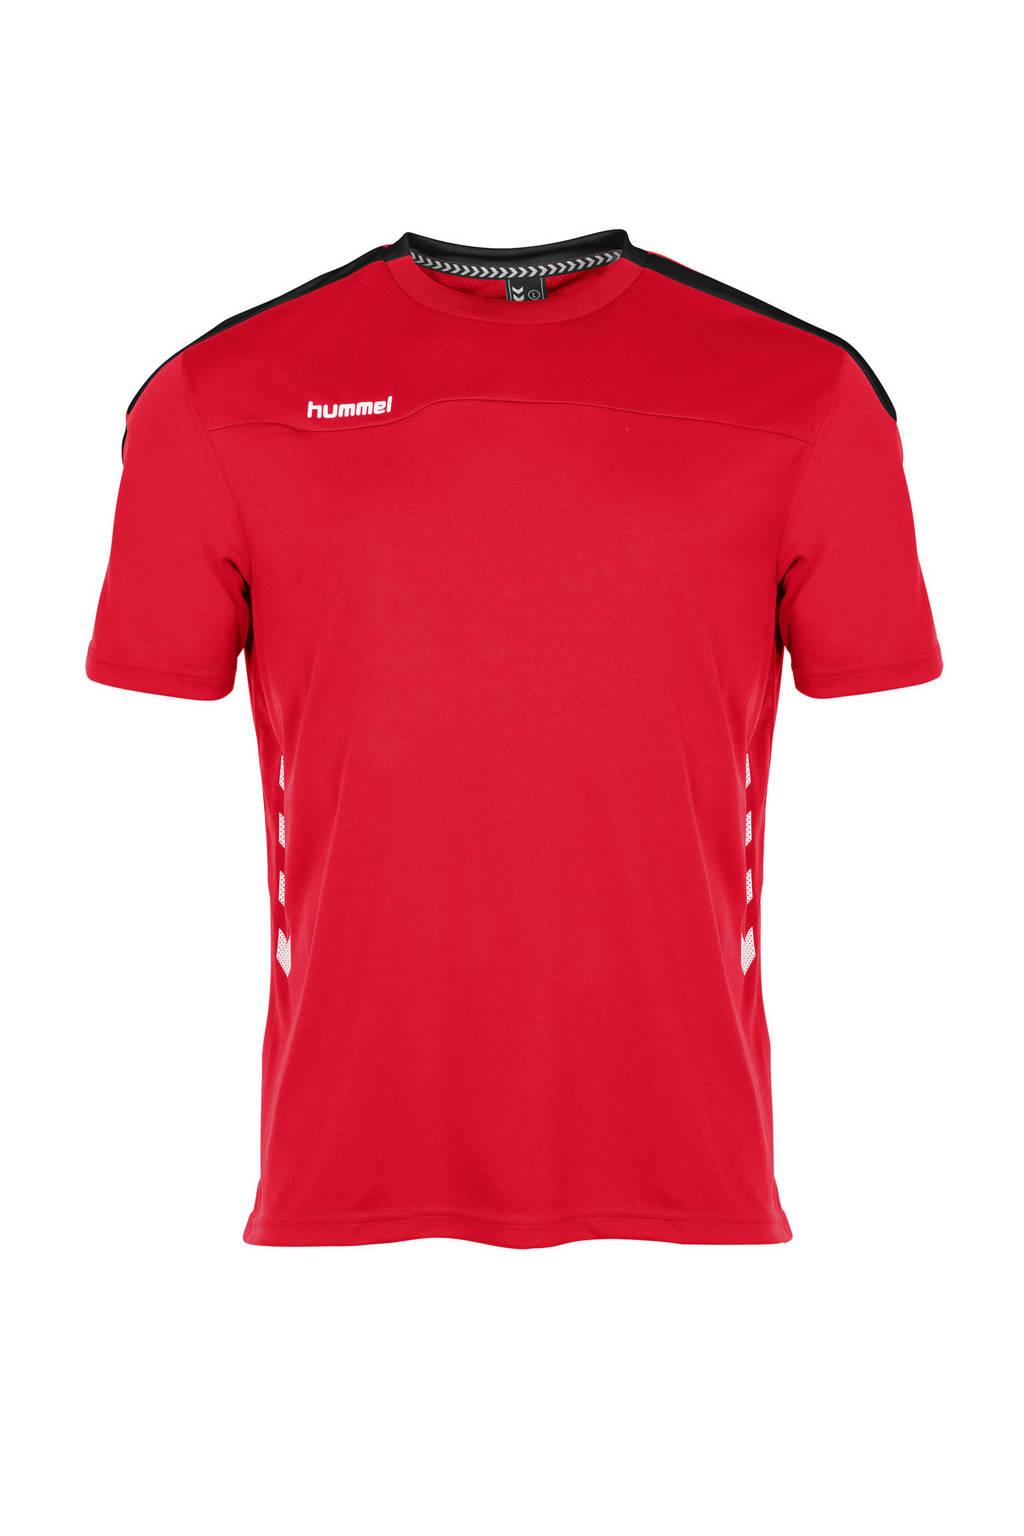 hummel   sport T-shirt rood, Rood/wit/zwart